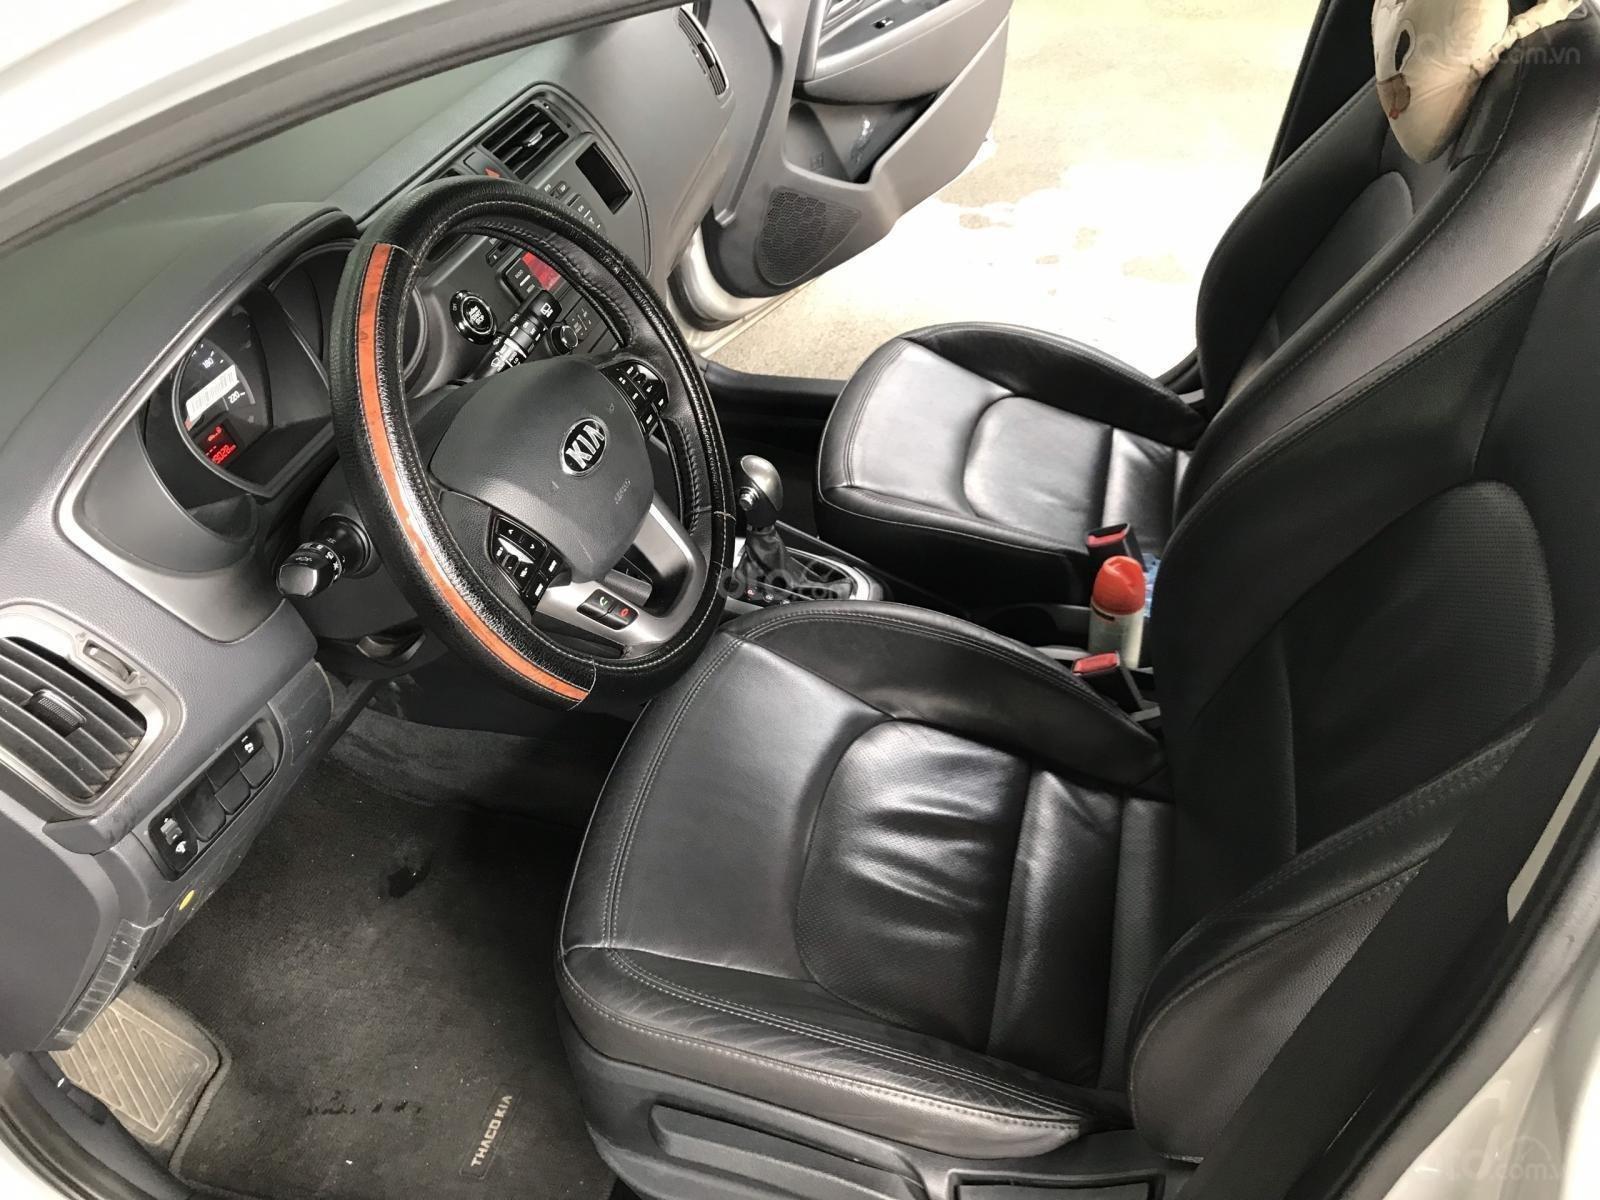 Bán xe Kia Rio năm sản xuất 2012, màu bạc, nhập khẩu, giá tốt (8)